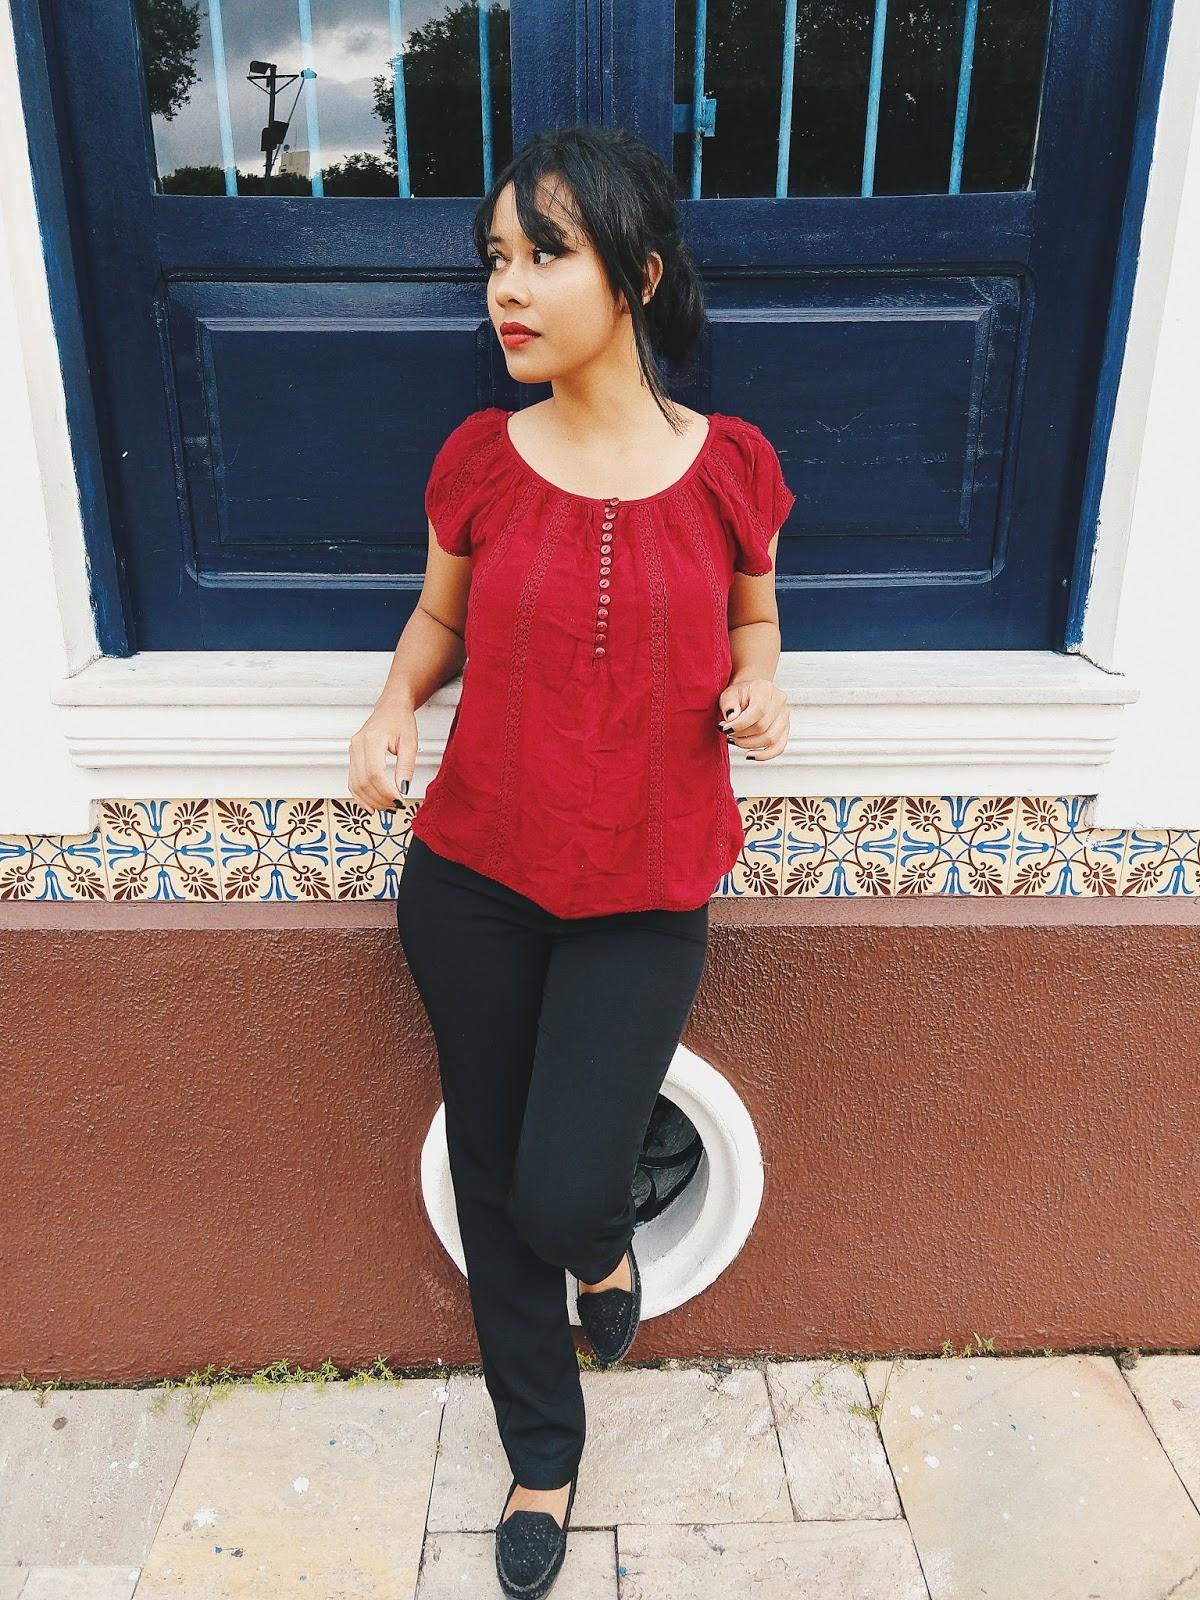 Calça Social Preta + Blusa Vermelha